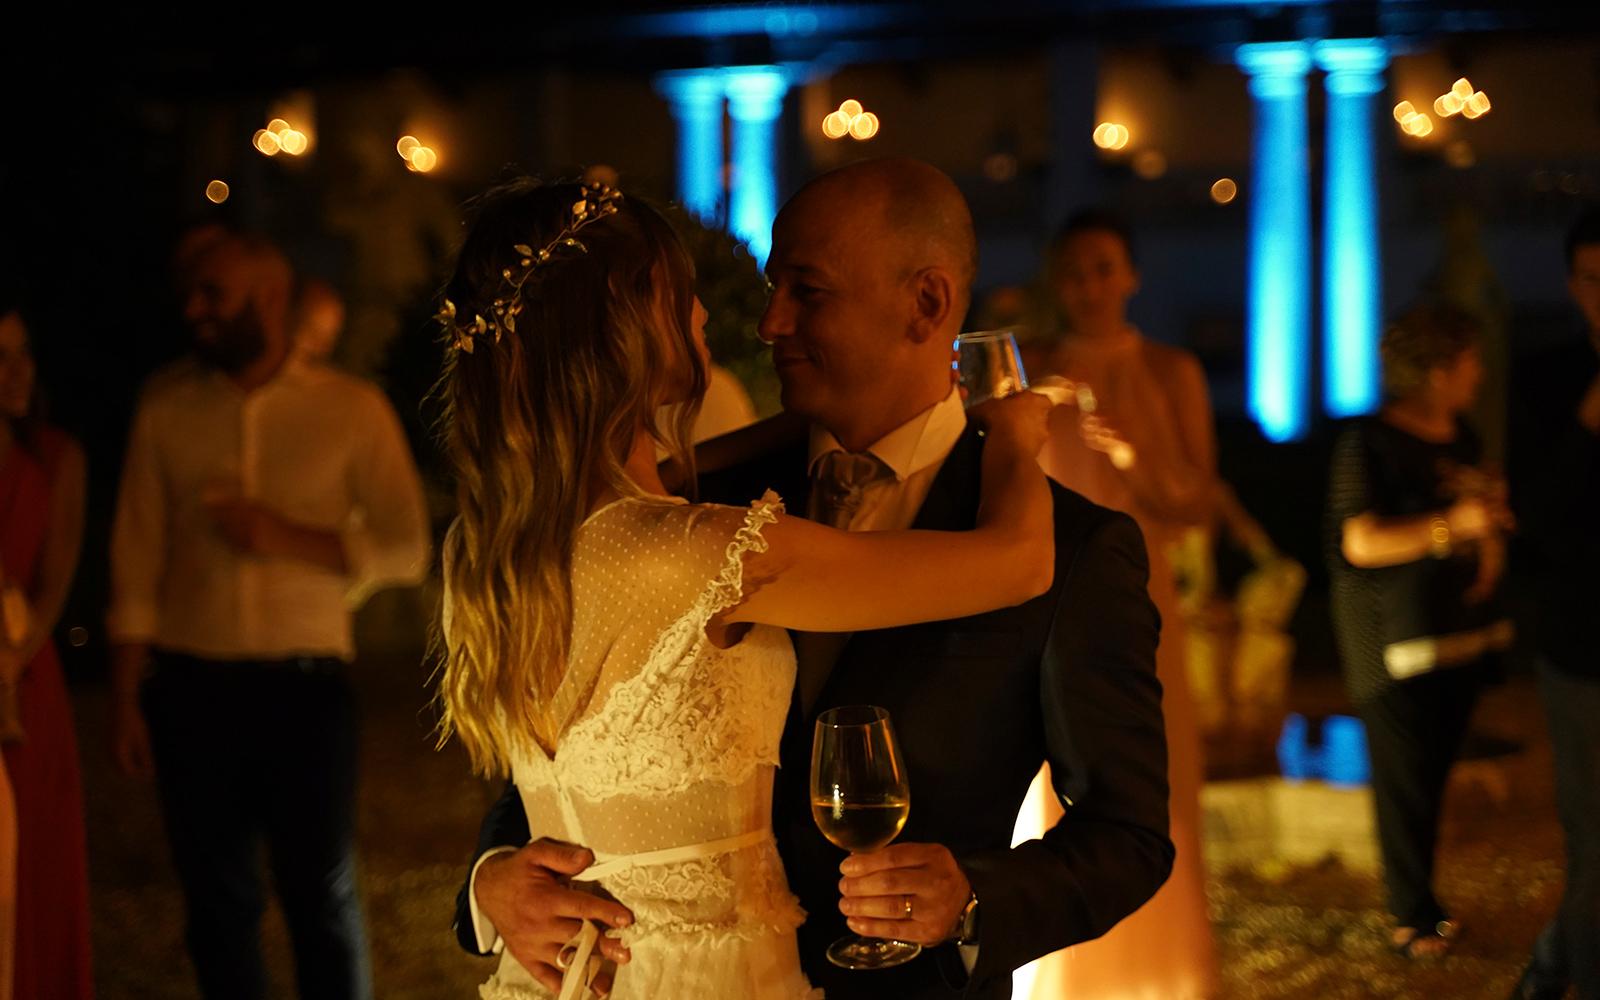 location matrimoni Vicenza, location matrimonio Padova, Location matrimonio Vicenza , location matrimoni Padova, ricevimento matrimonio Vicenza,